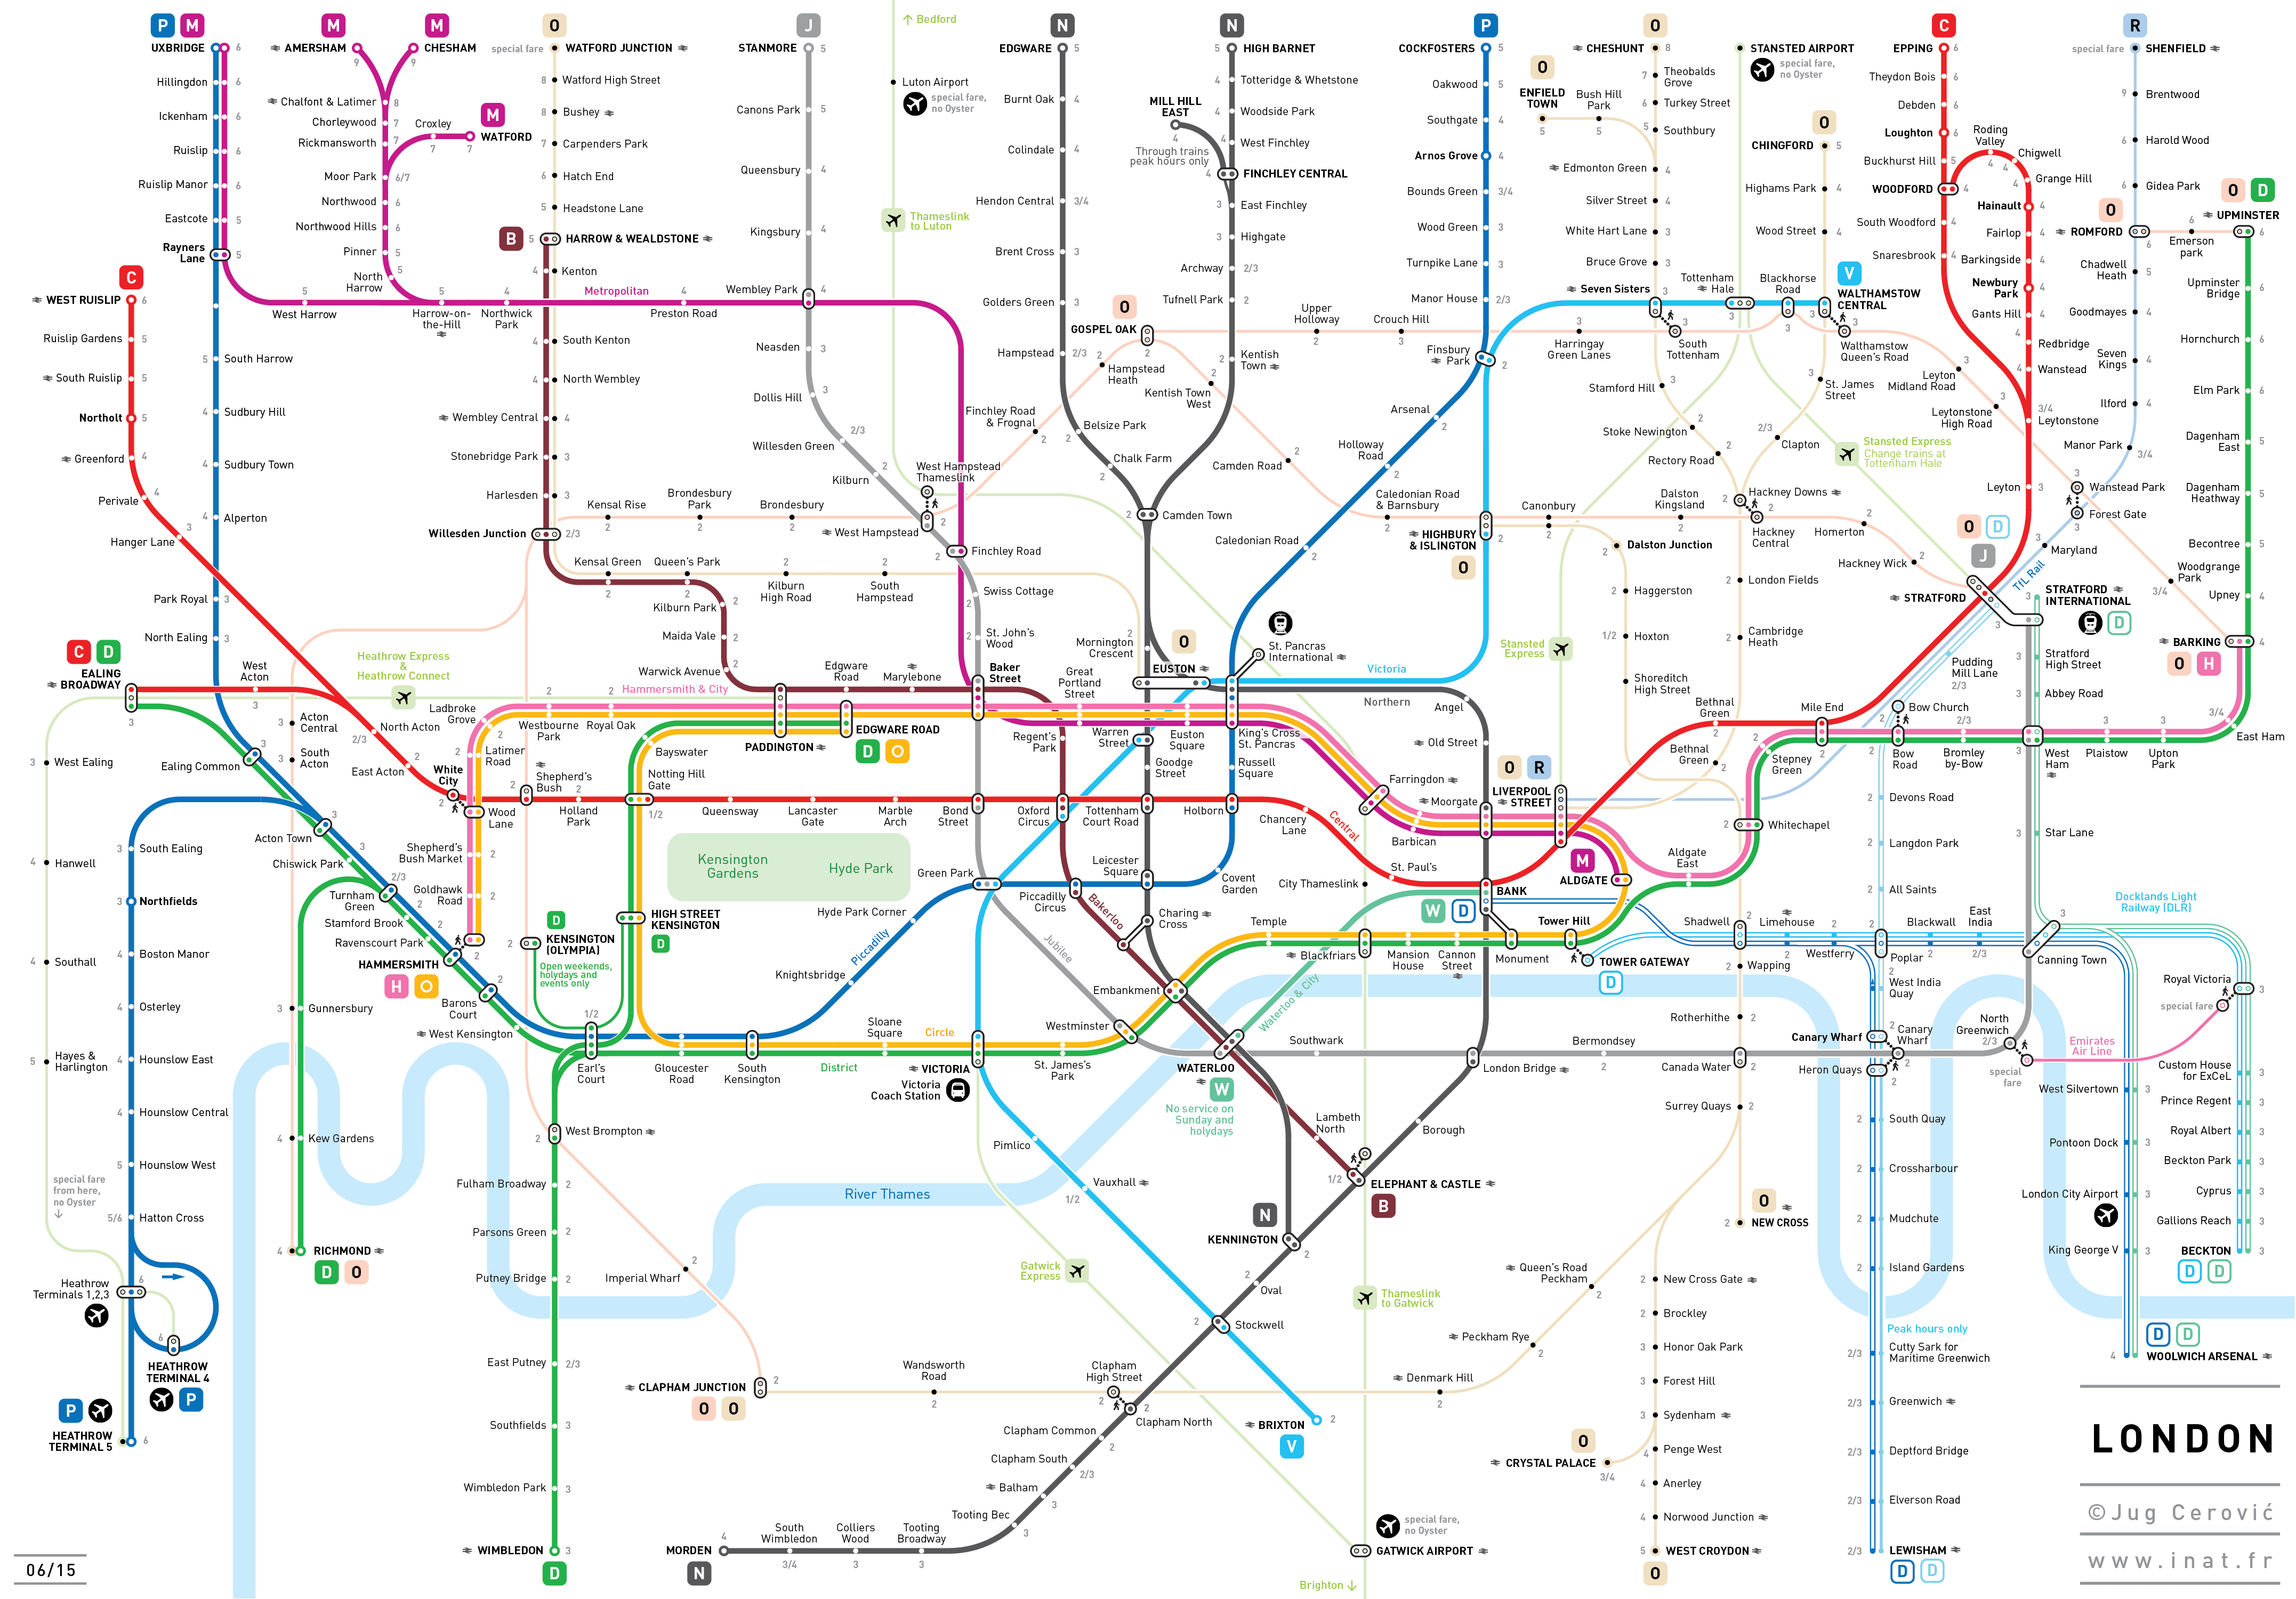 london-metro-subway-tube-map